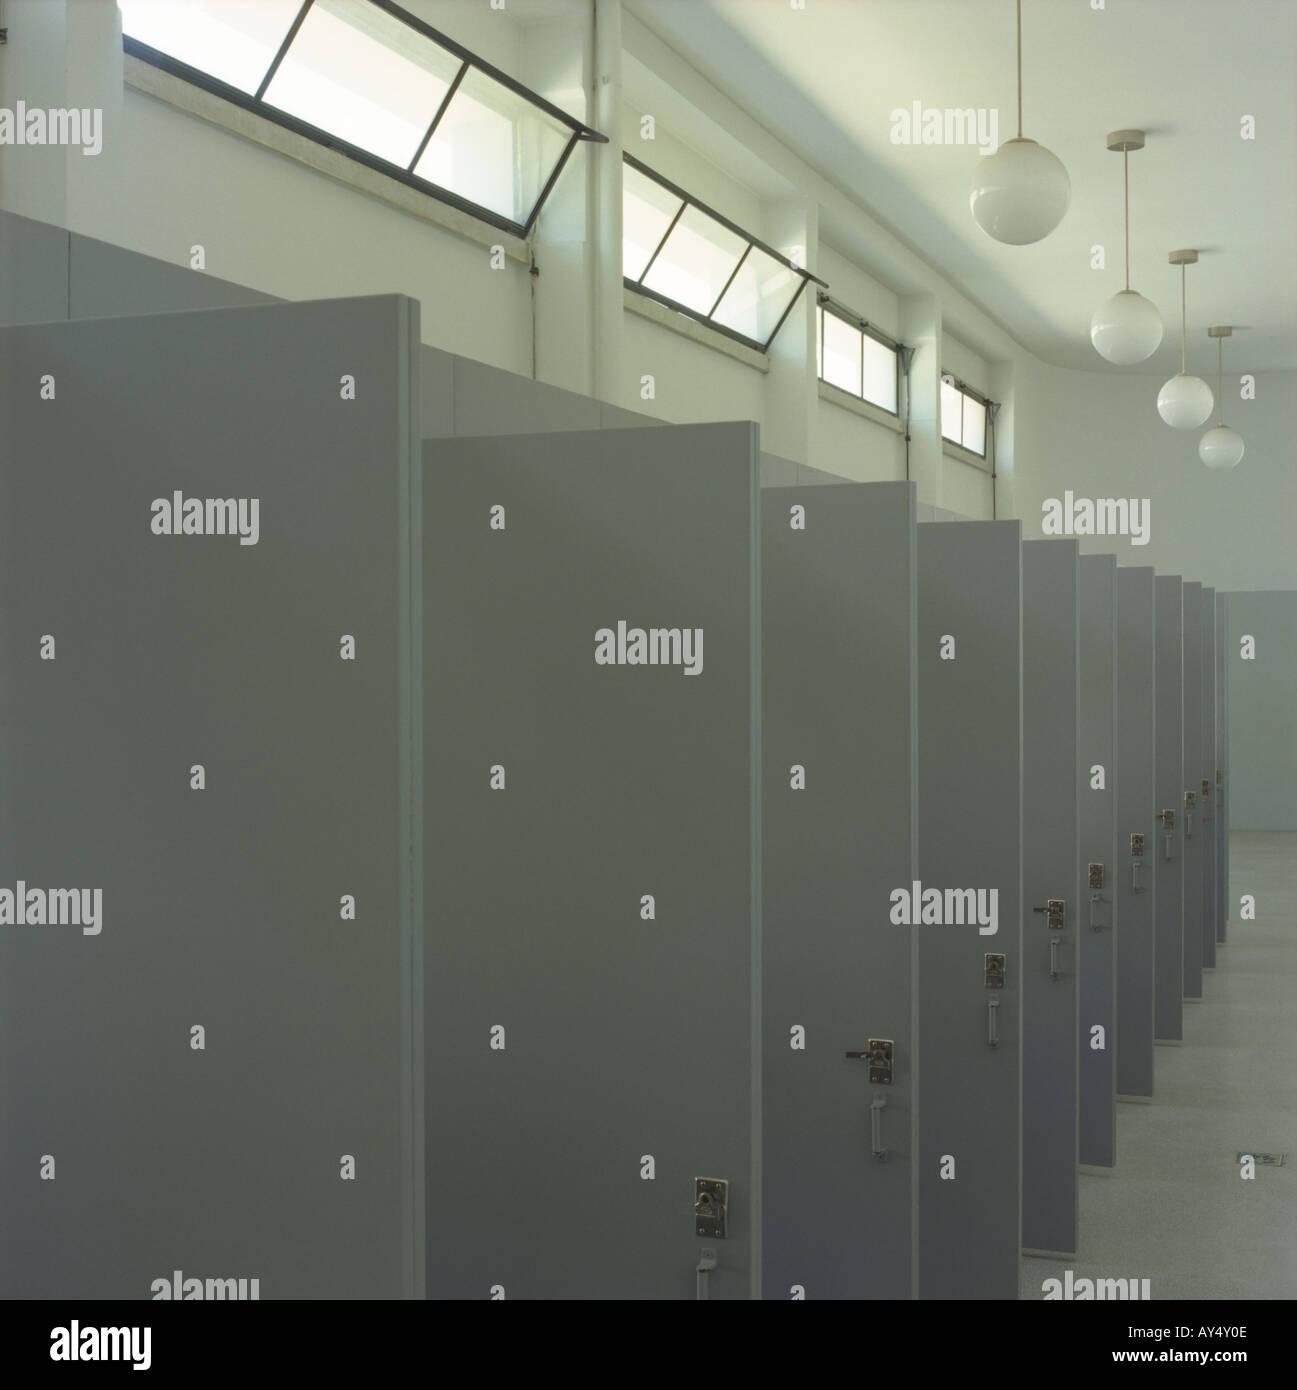 Longue série de portes de toilettes dans une école Photo Stock